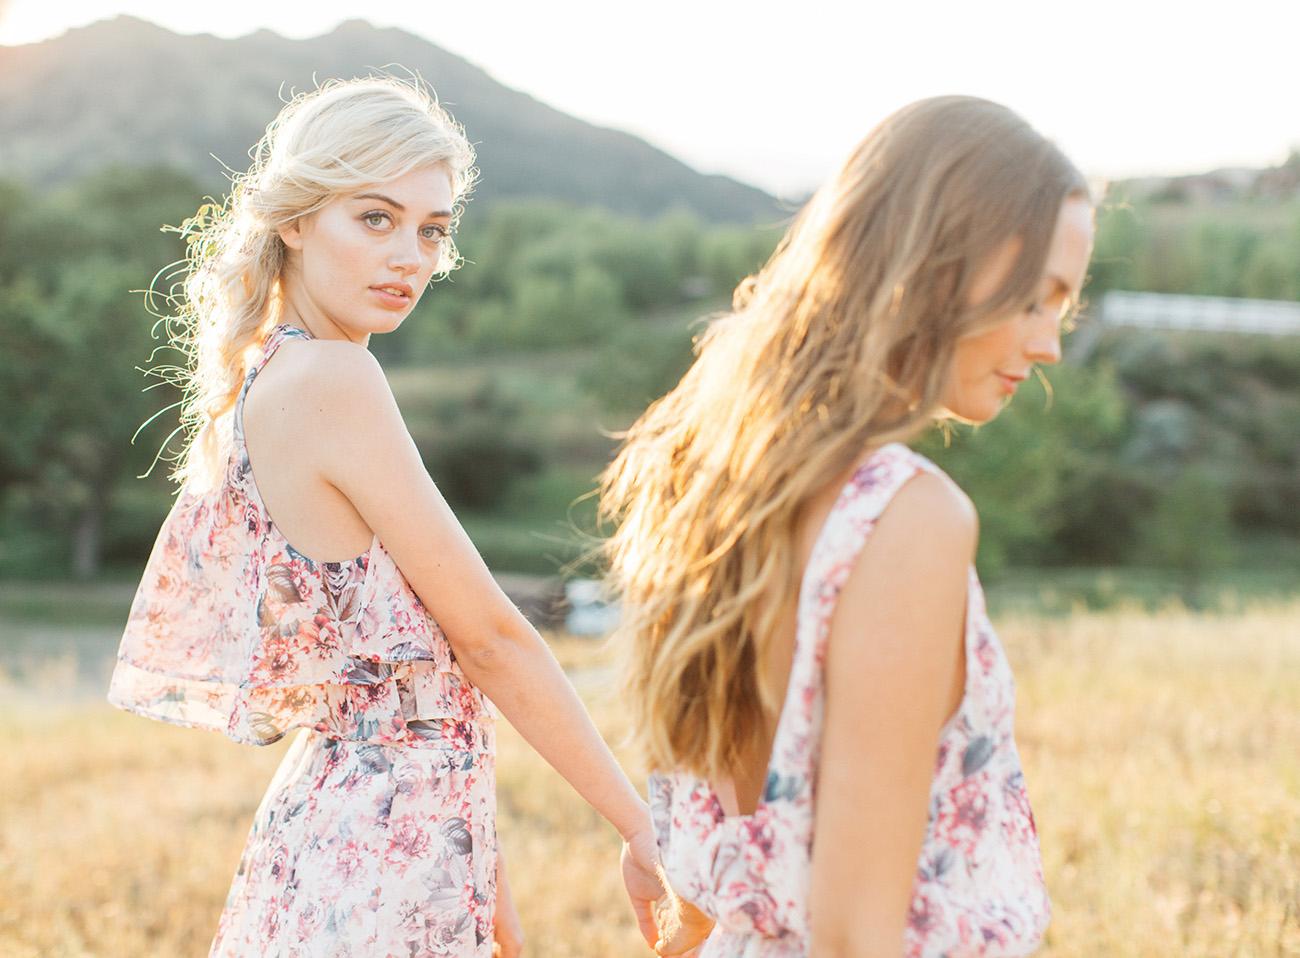 GWSxMumu bridesmaids dresses